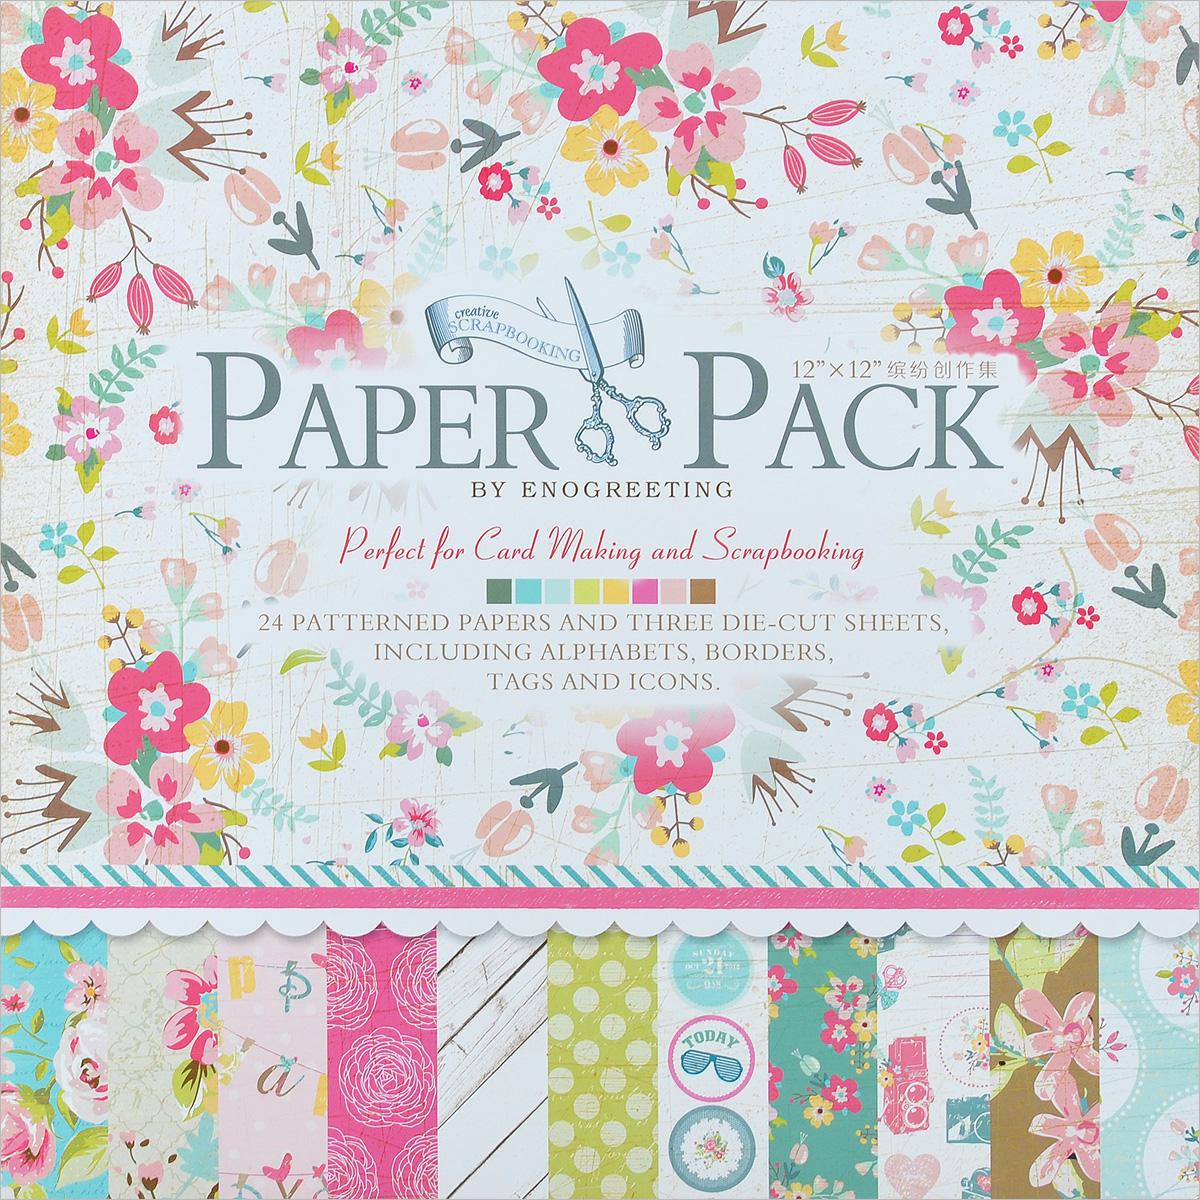 Набор бумаги для скрапбукинга Цветущее лето, 30,5 х 30,5 см, 27 листов55052Набор бумаги для скрапбукинга Цветущее лето позволит создать красивый альбом, фоторамку или открытку ручной работы, оформить подарок или аппликацию. Набор включает в себя 3 листа с различными вырубленными буквами, уголочками, надписями из плотной бумаги с односторонней печатью и 24 листа плотной бумаги с односторонней печатью, декорированных рисунком с различным дизайном (по 2 листа каждого дизайна). Скрапбукинг - это хобби, которое способно приносить массу приятных эмоций не только человеку, который этим занимается, но и его близким, друзьям, родным. Это невероятно увлекательное занятие, которое поможет вам сохранить наиболее памятные и яркие моменты вашей жизни, а также интересно оформить интерьер дома. Количество листов: 27 шт. Размер листа: 30,5 см х 30,5 см.